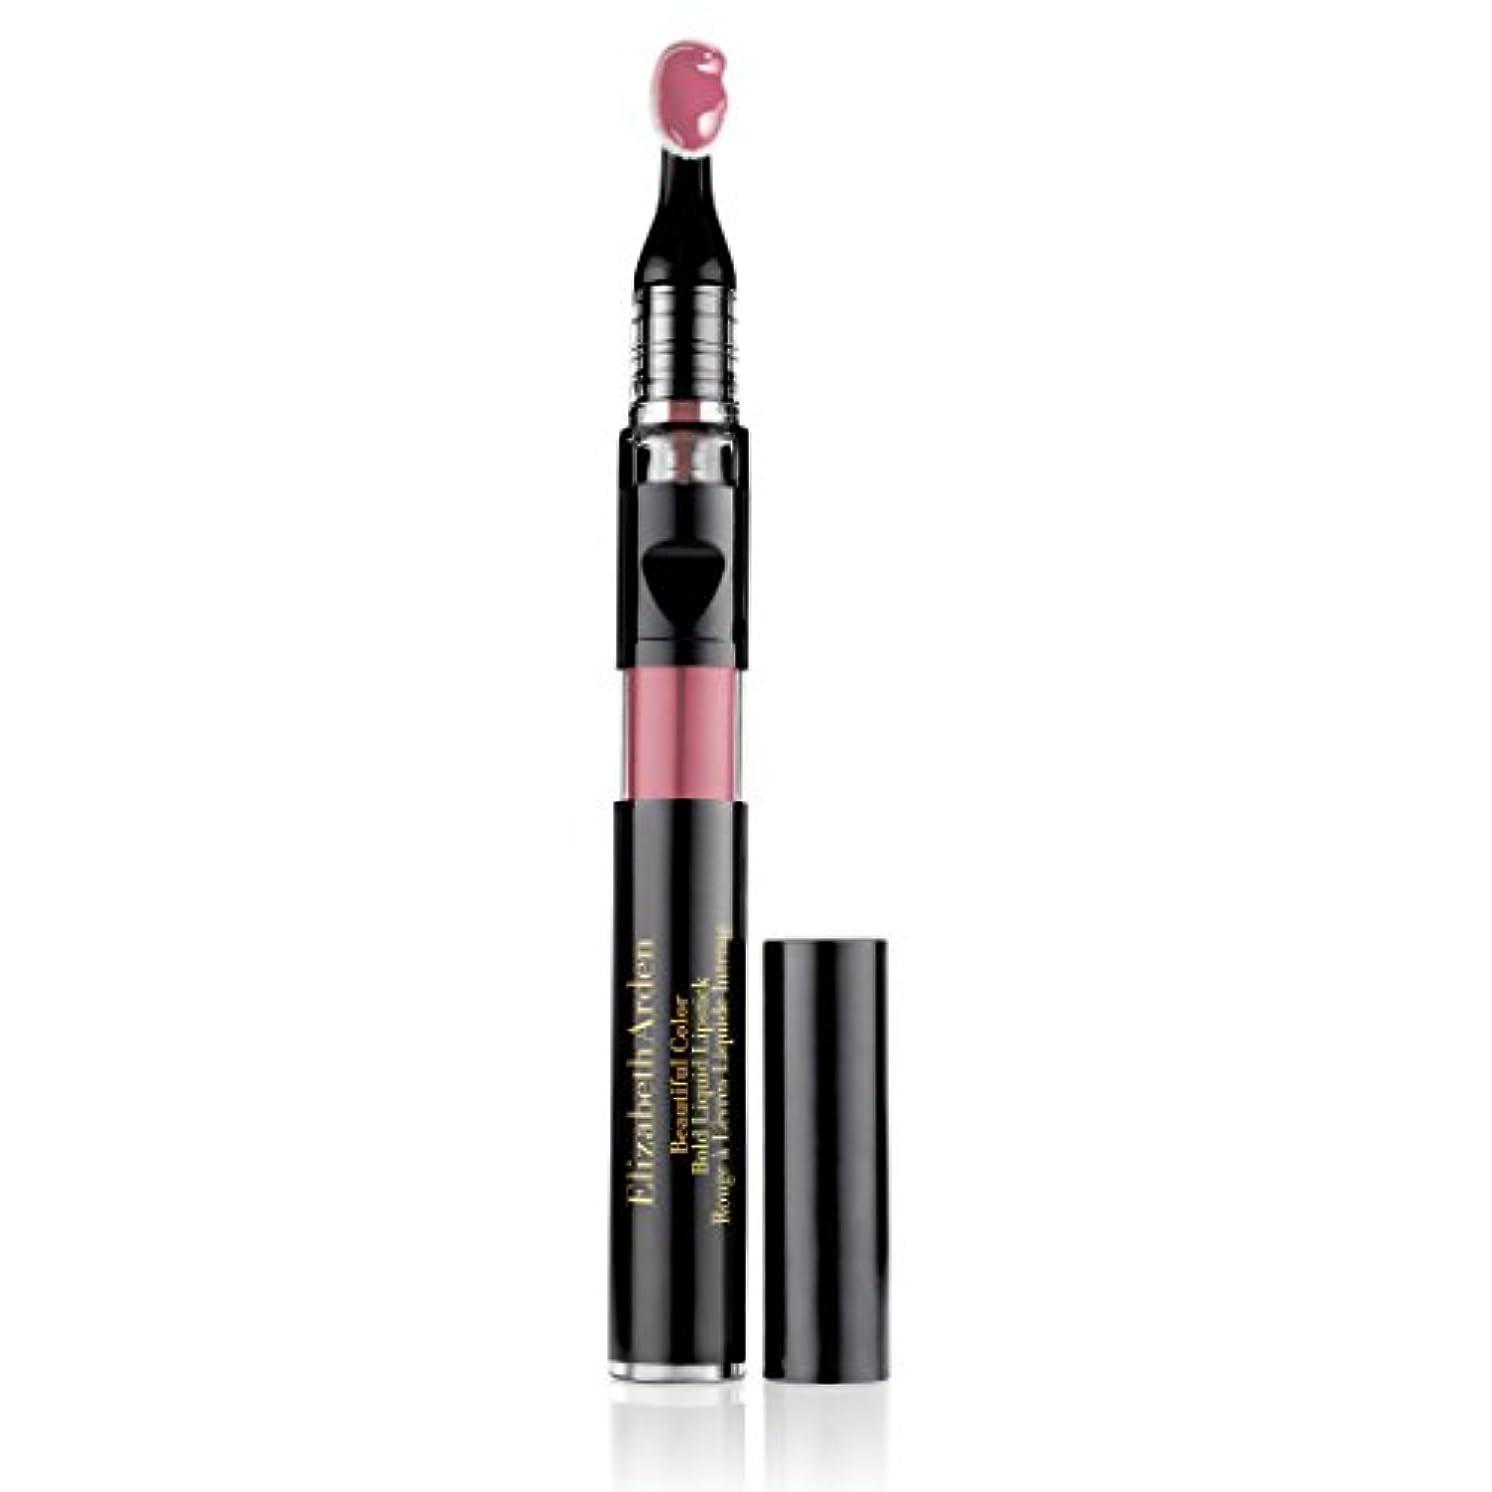 勝者にやにや強化エリザベスアーデン Beautiful Color Bold Liquid Lipstick - # 02 Daring Beige 2.4ml/0.08oz並行輸入品